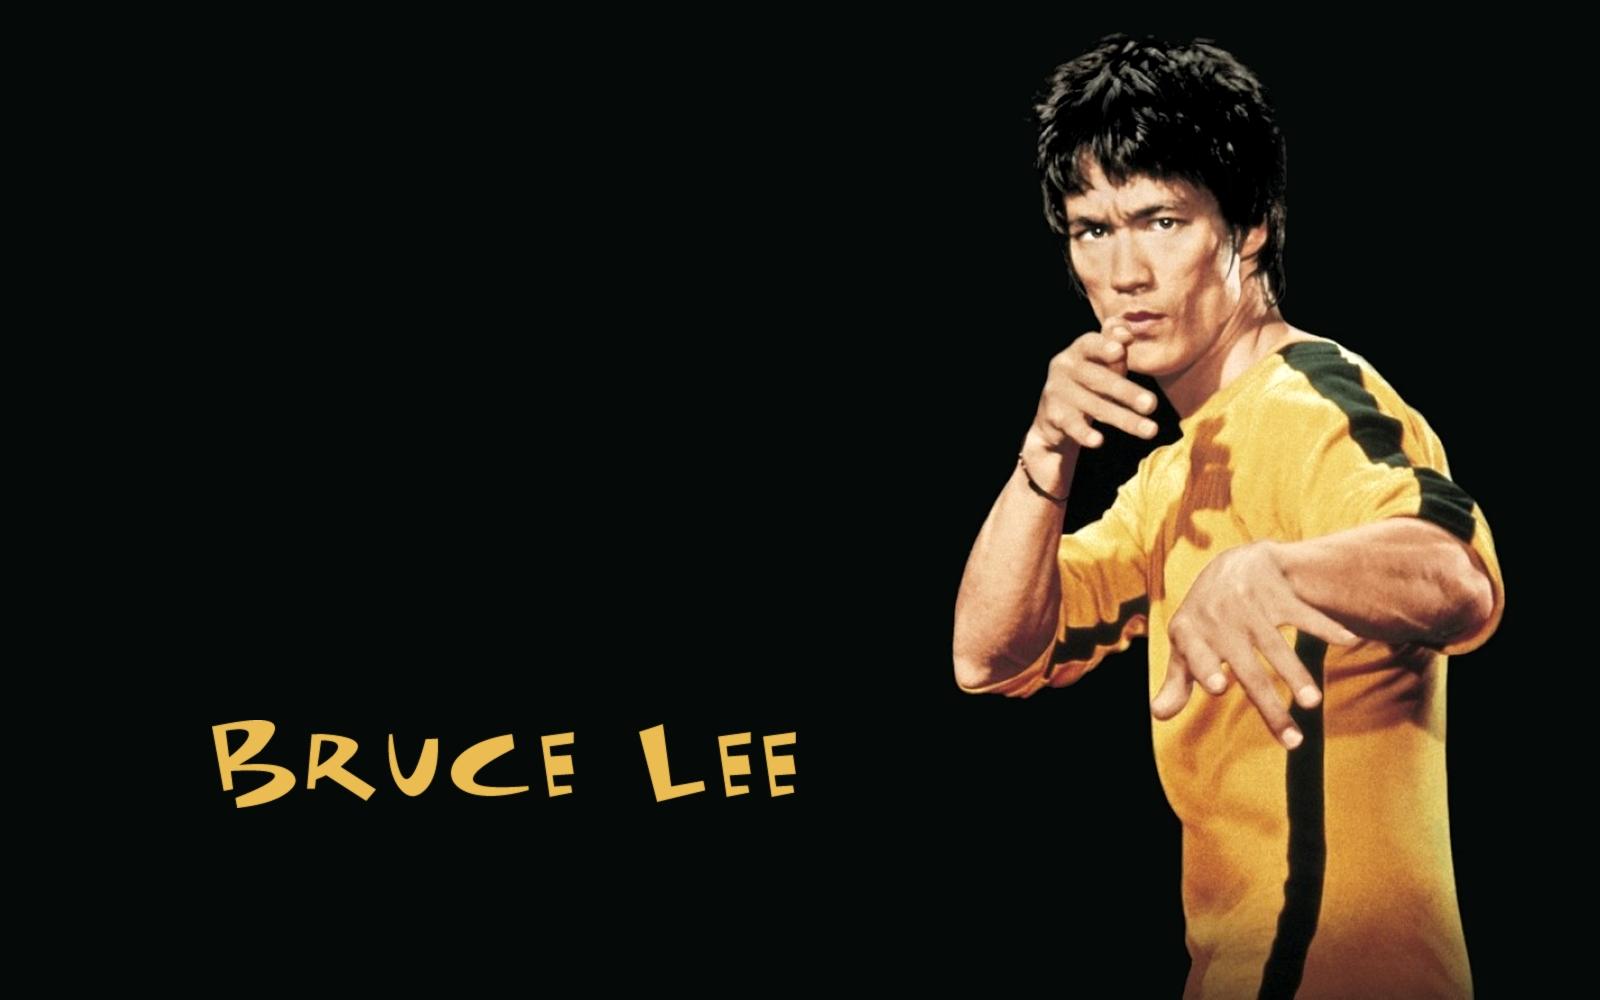 Bruce Lee Wallpapers HD PixelsTalk Bruce Lee HD Wallpapers ...